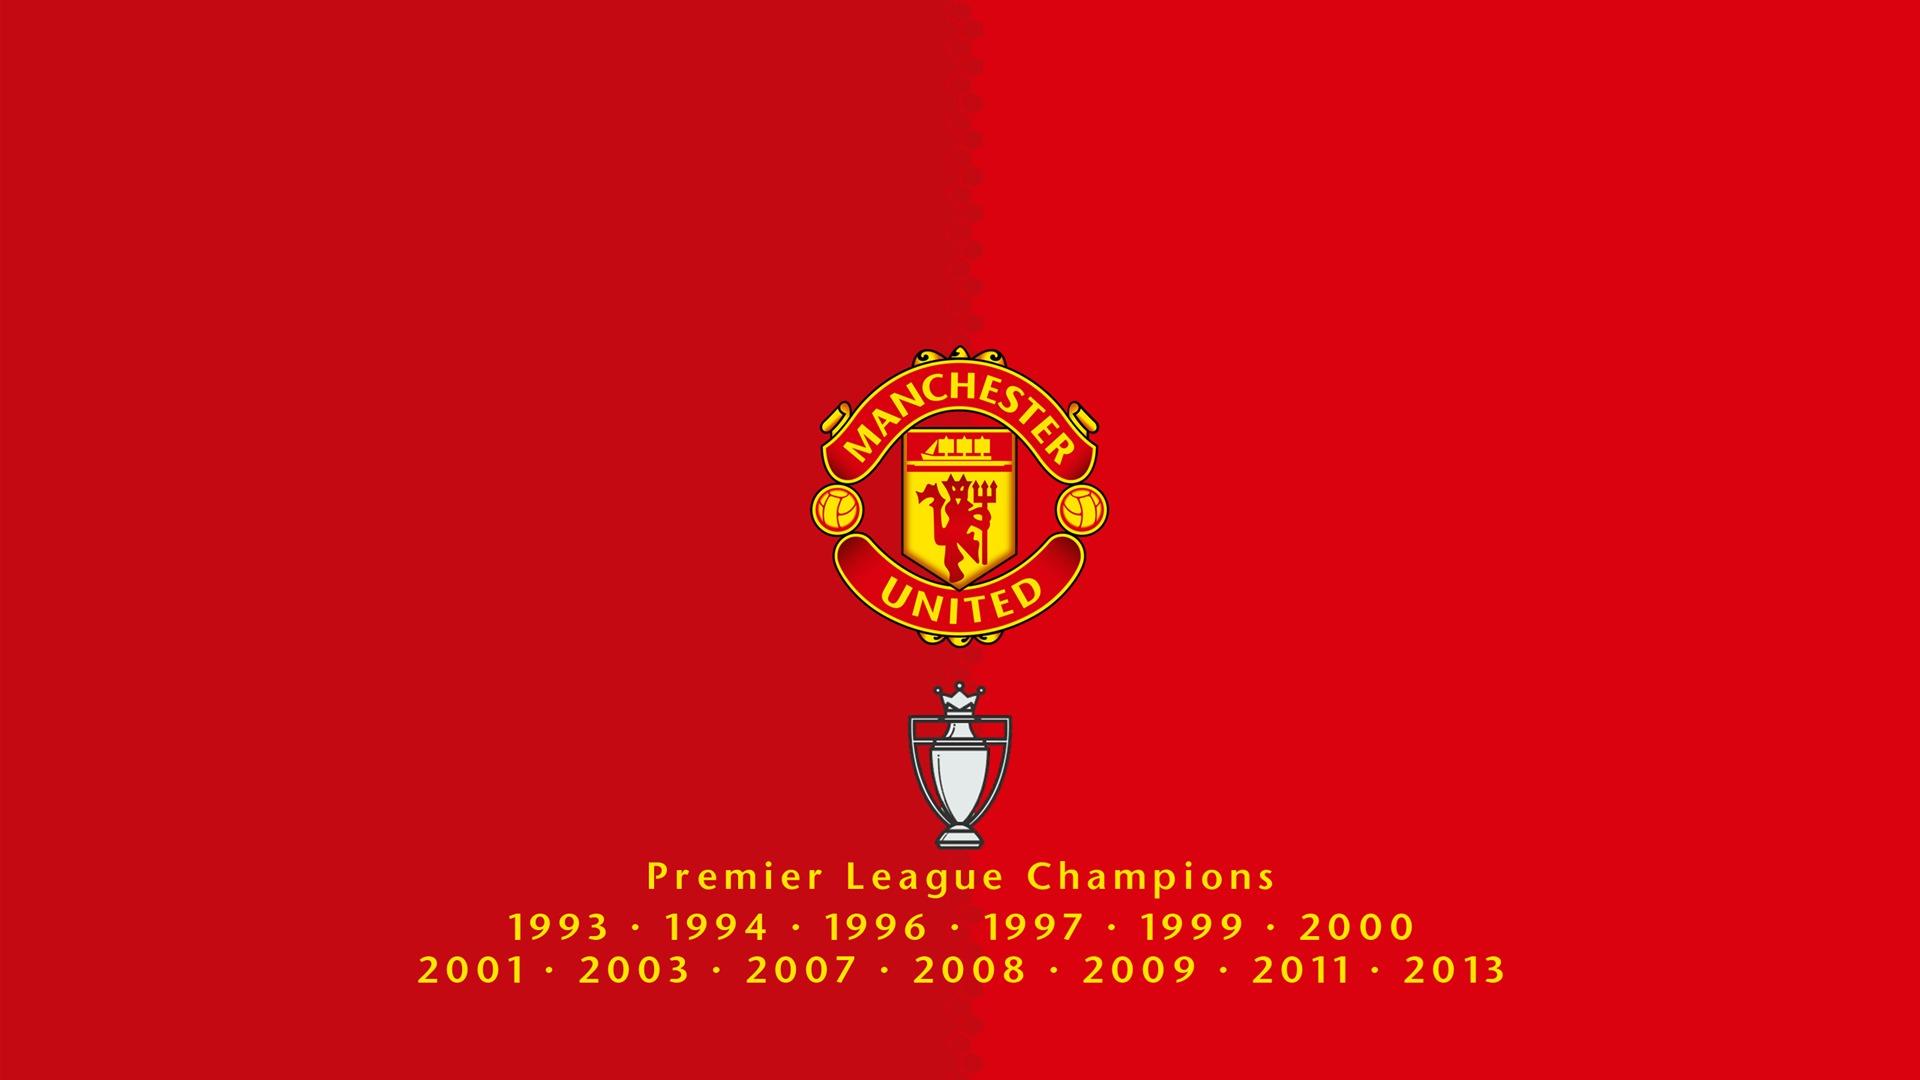 曼联冠军-欧洲足球俱乐部高清壁纸预览 | 10wallpaper.com